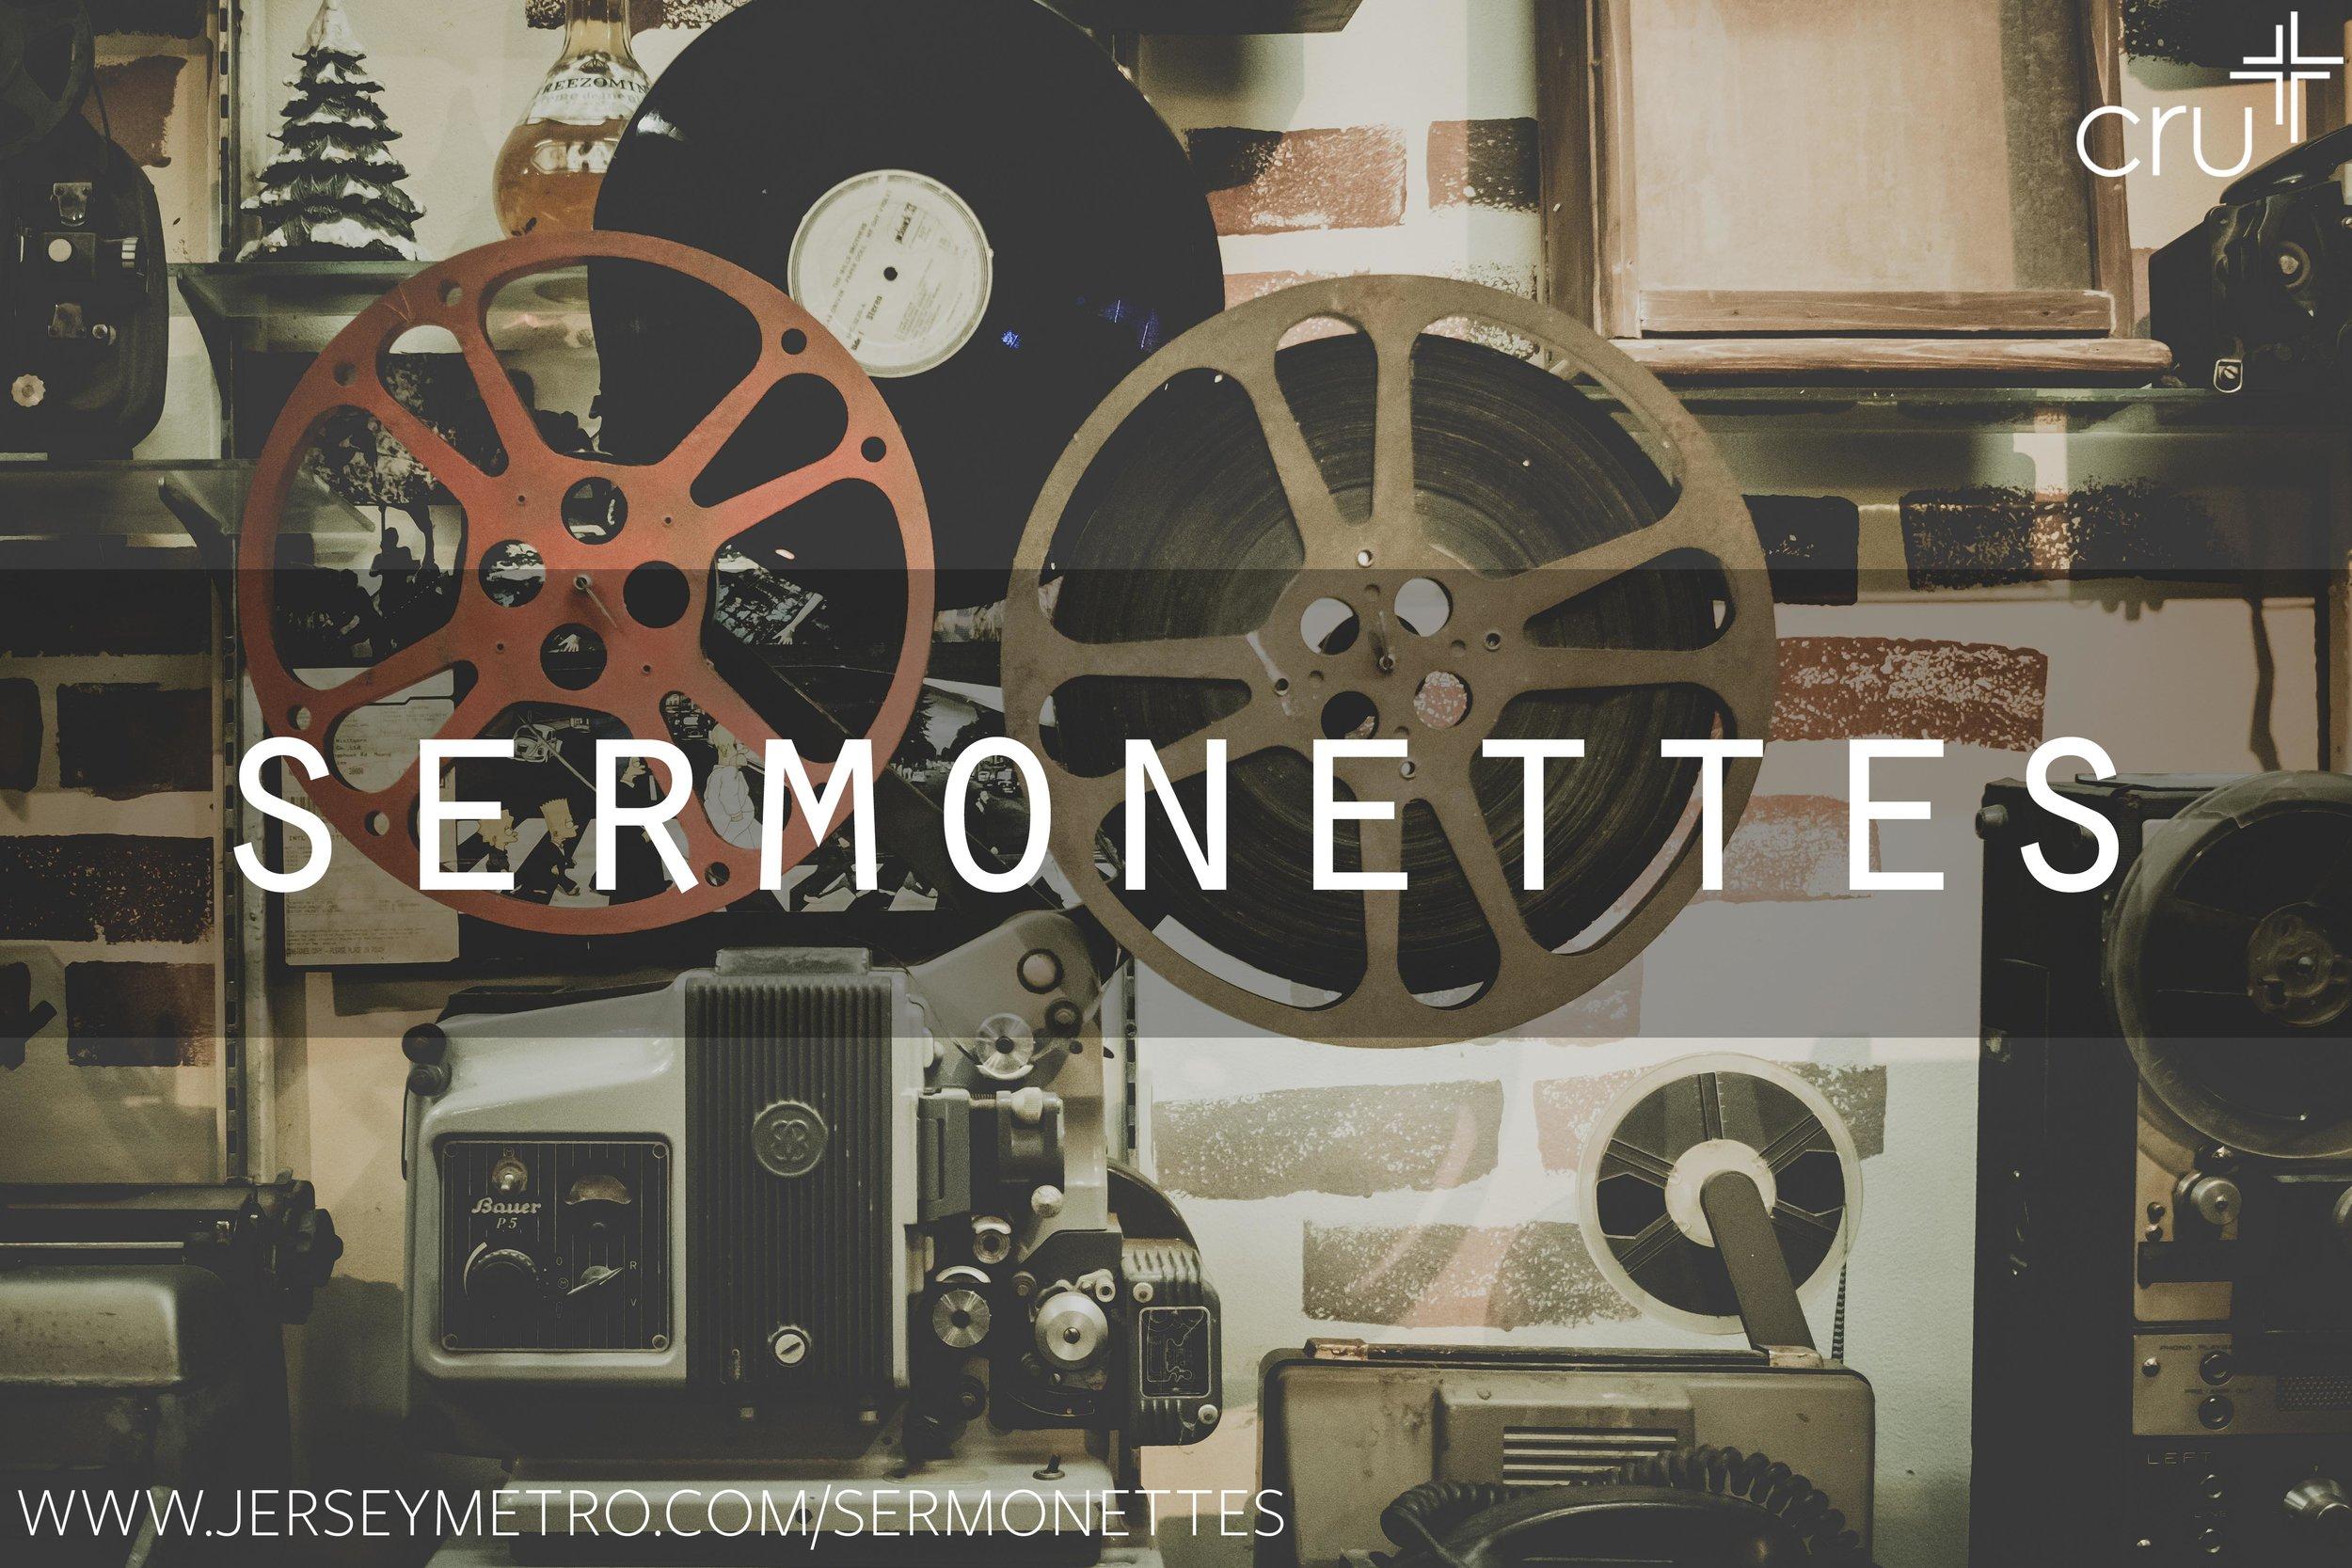 sermonettes-cover.jpg